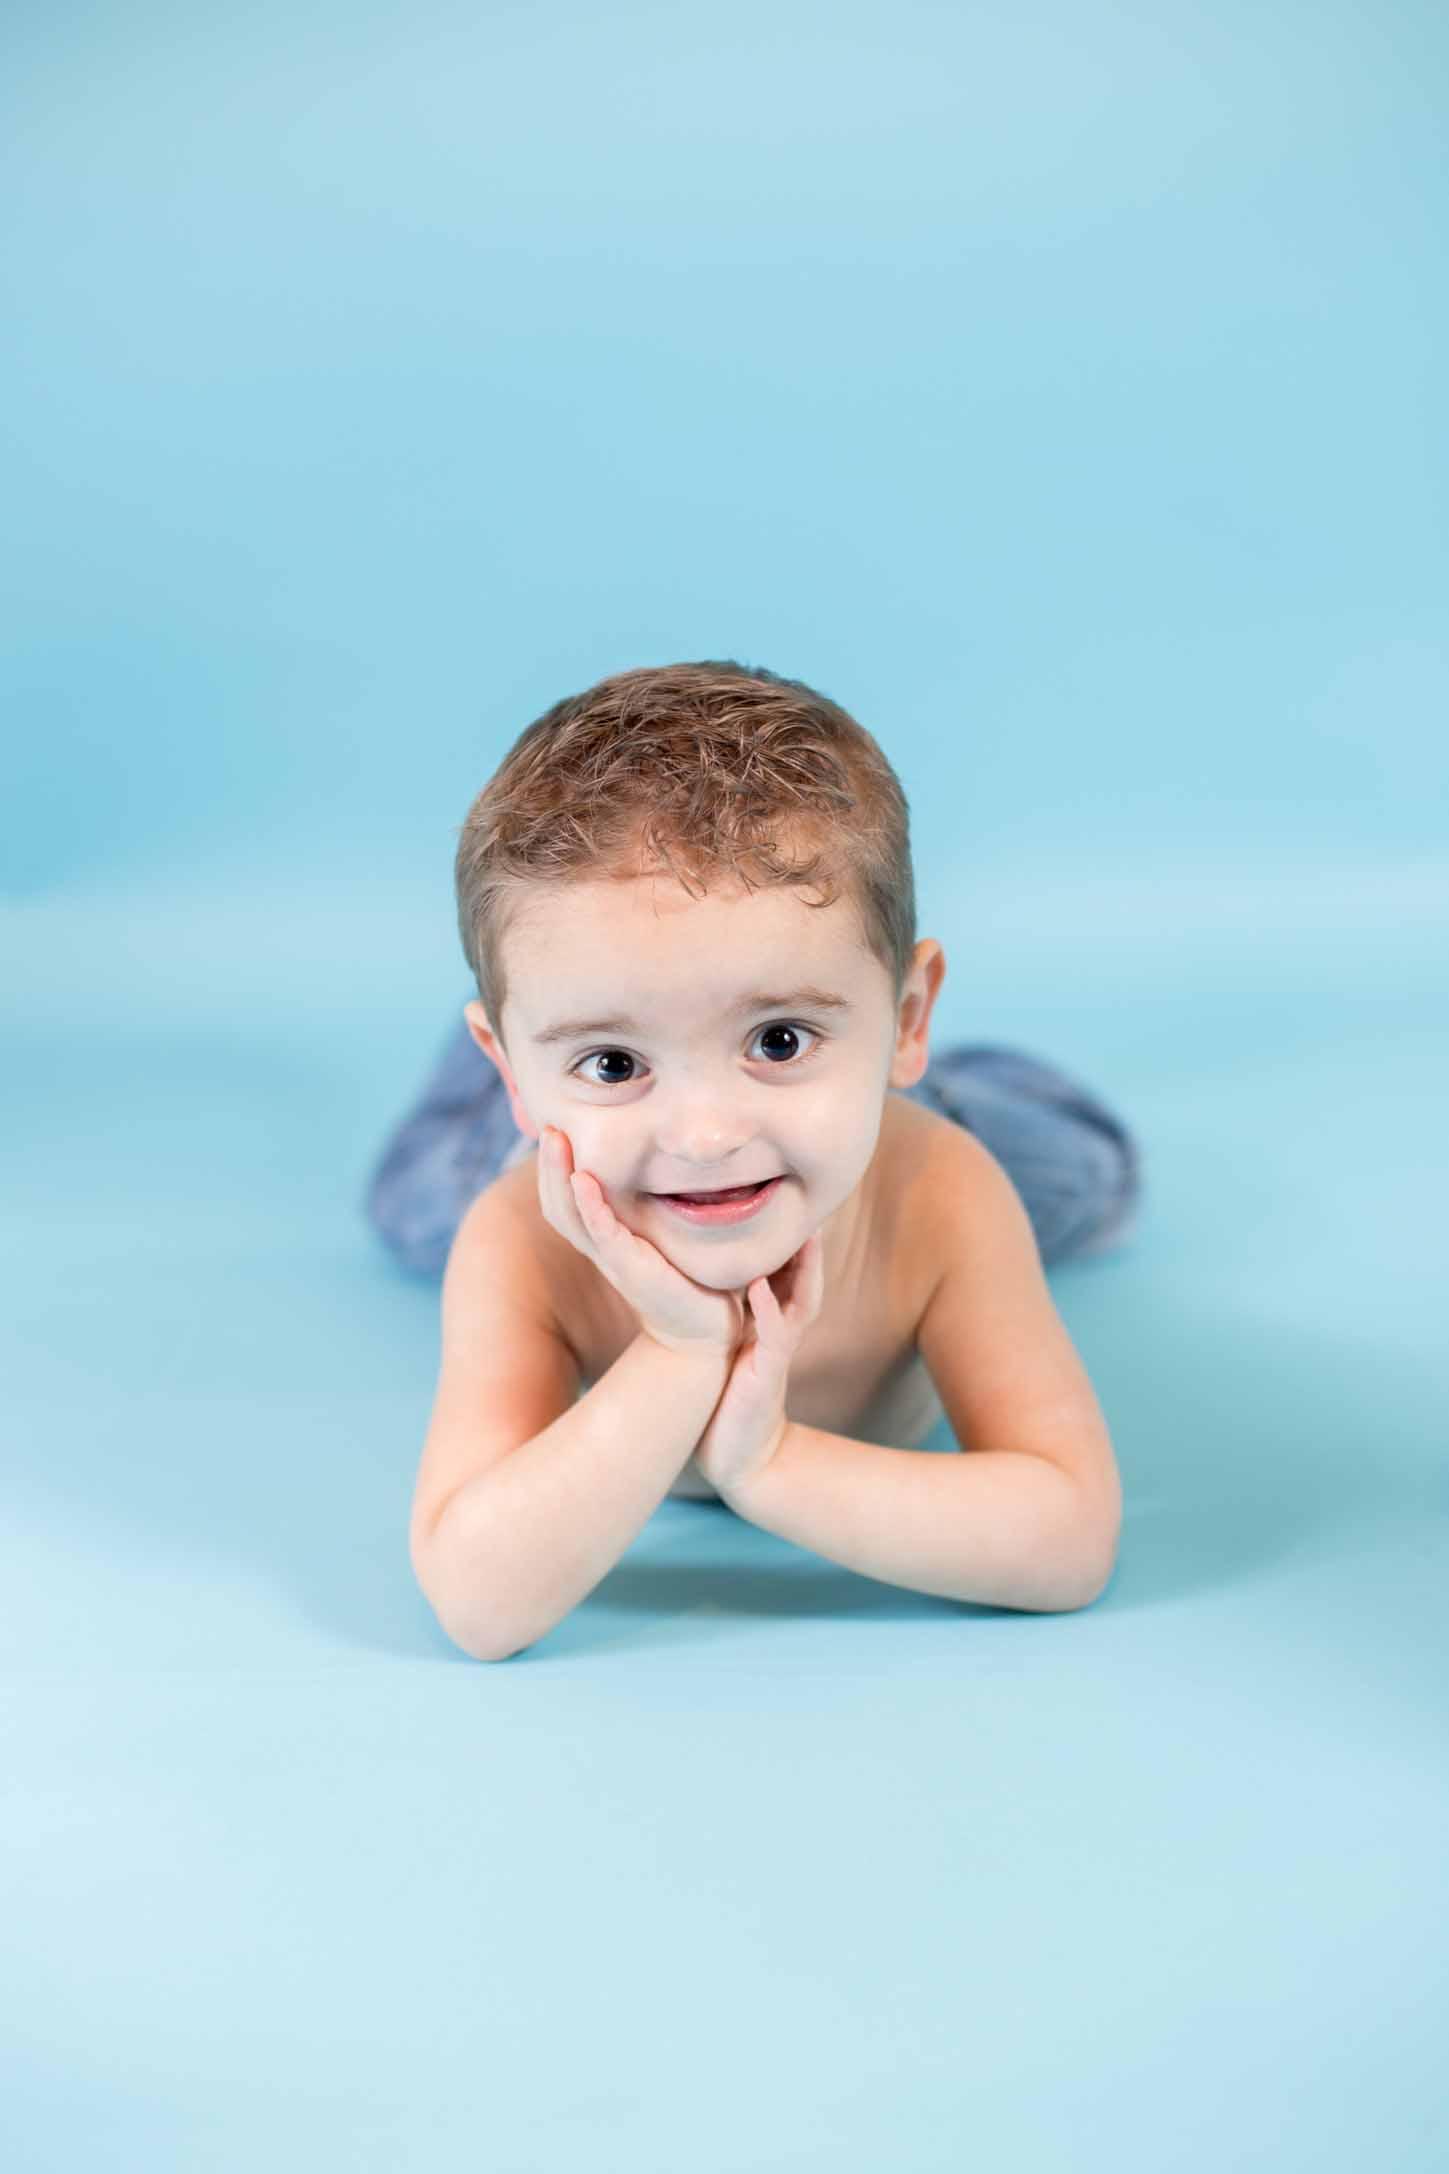 photographe le havre enfant10